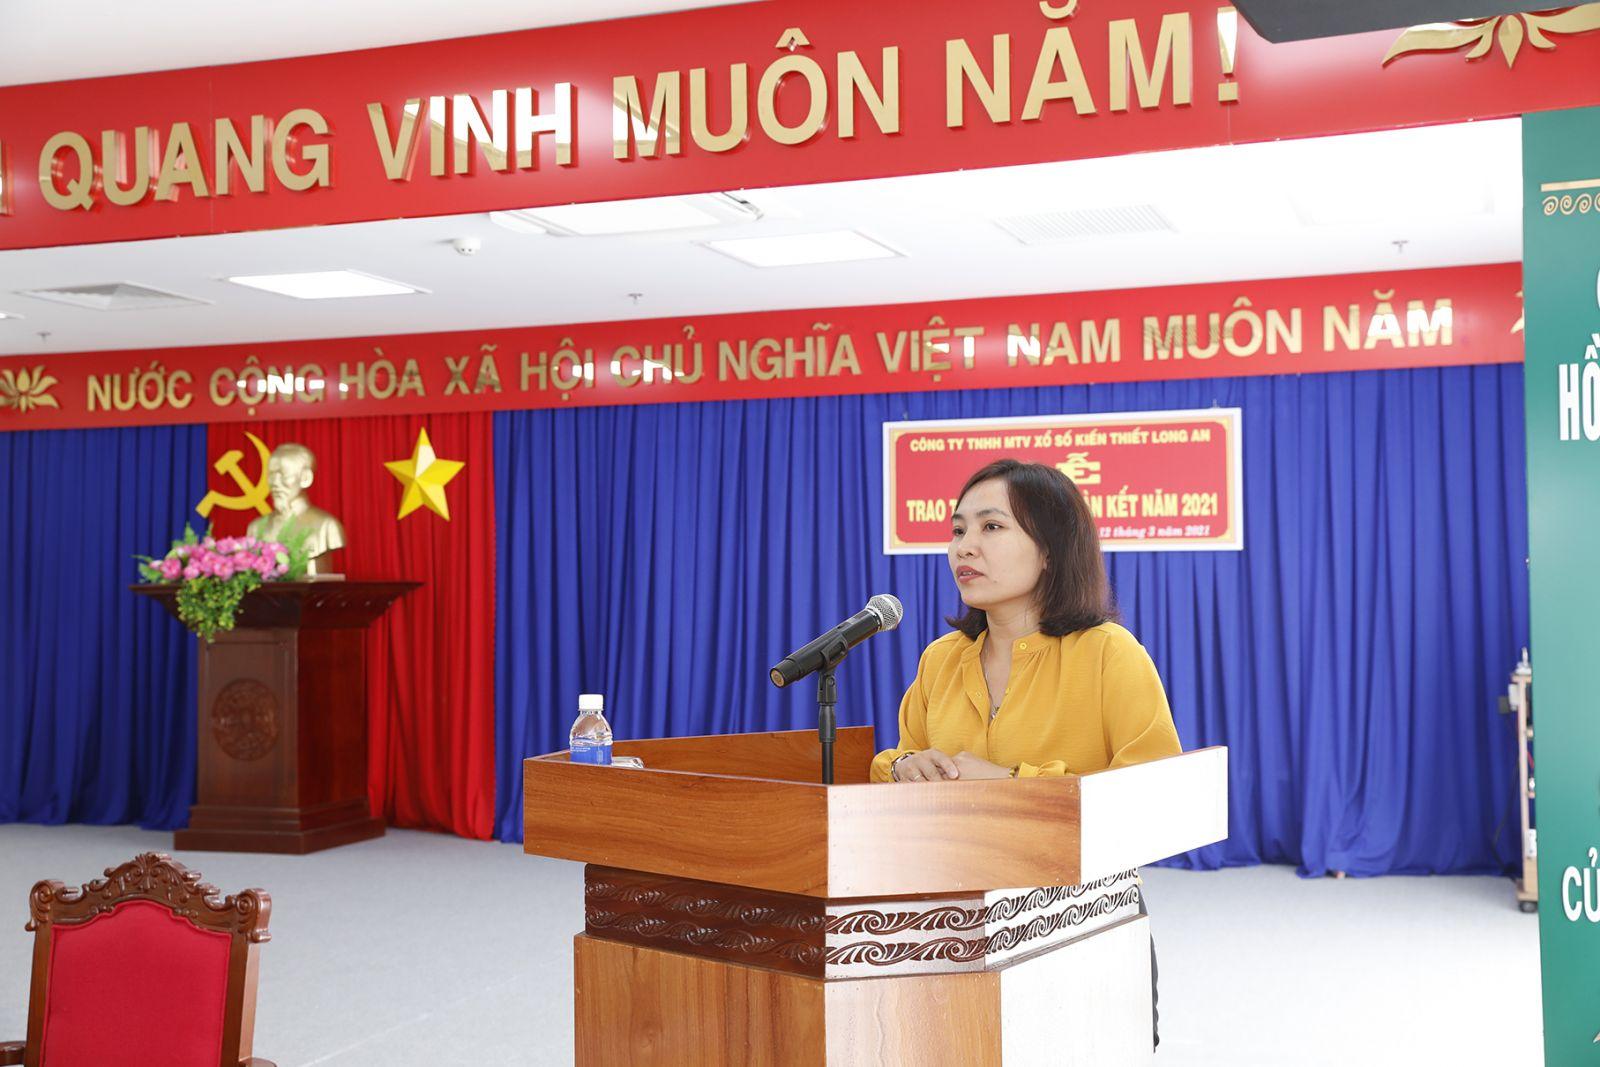 Bà Lê Thị Cẩm Tú PCT UBMTTQVN tỉnh Long An phát biểu tại buỗi lễ